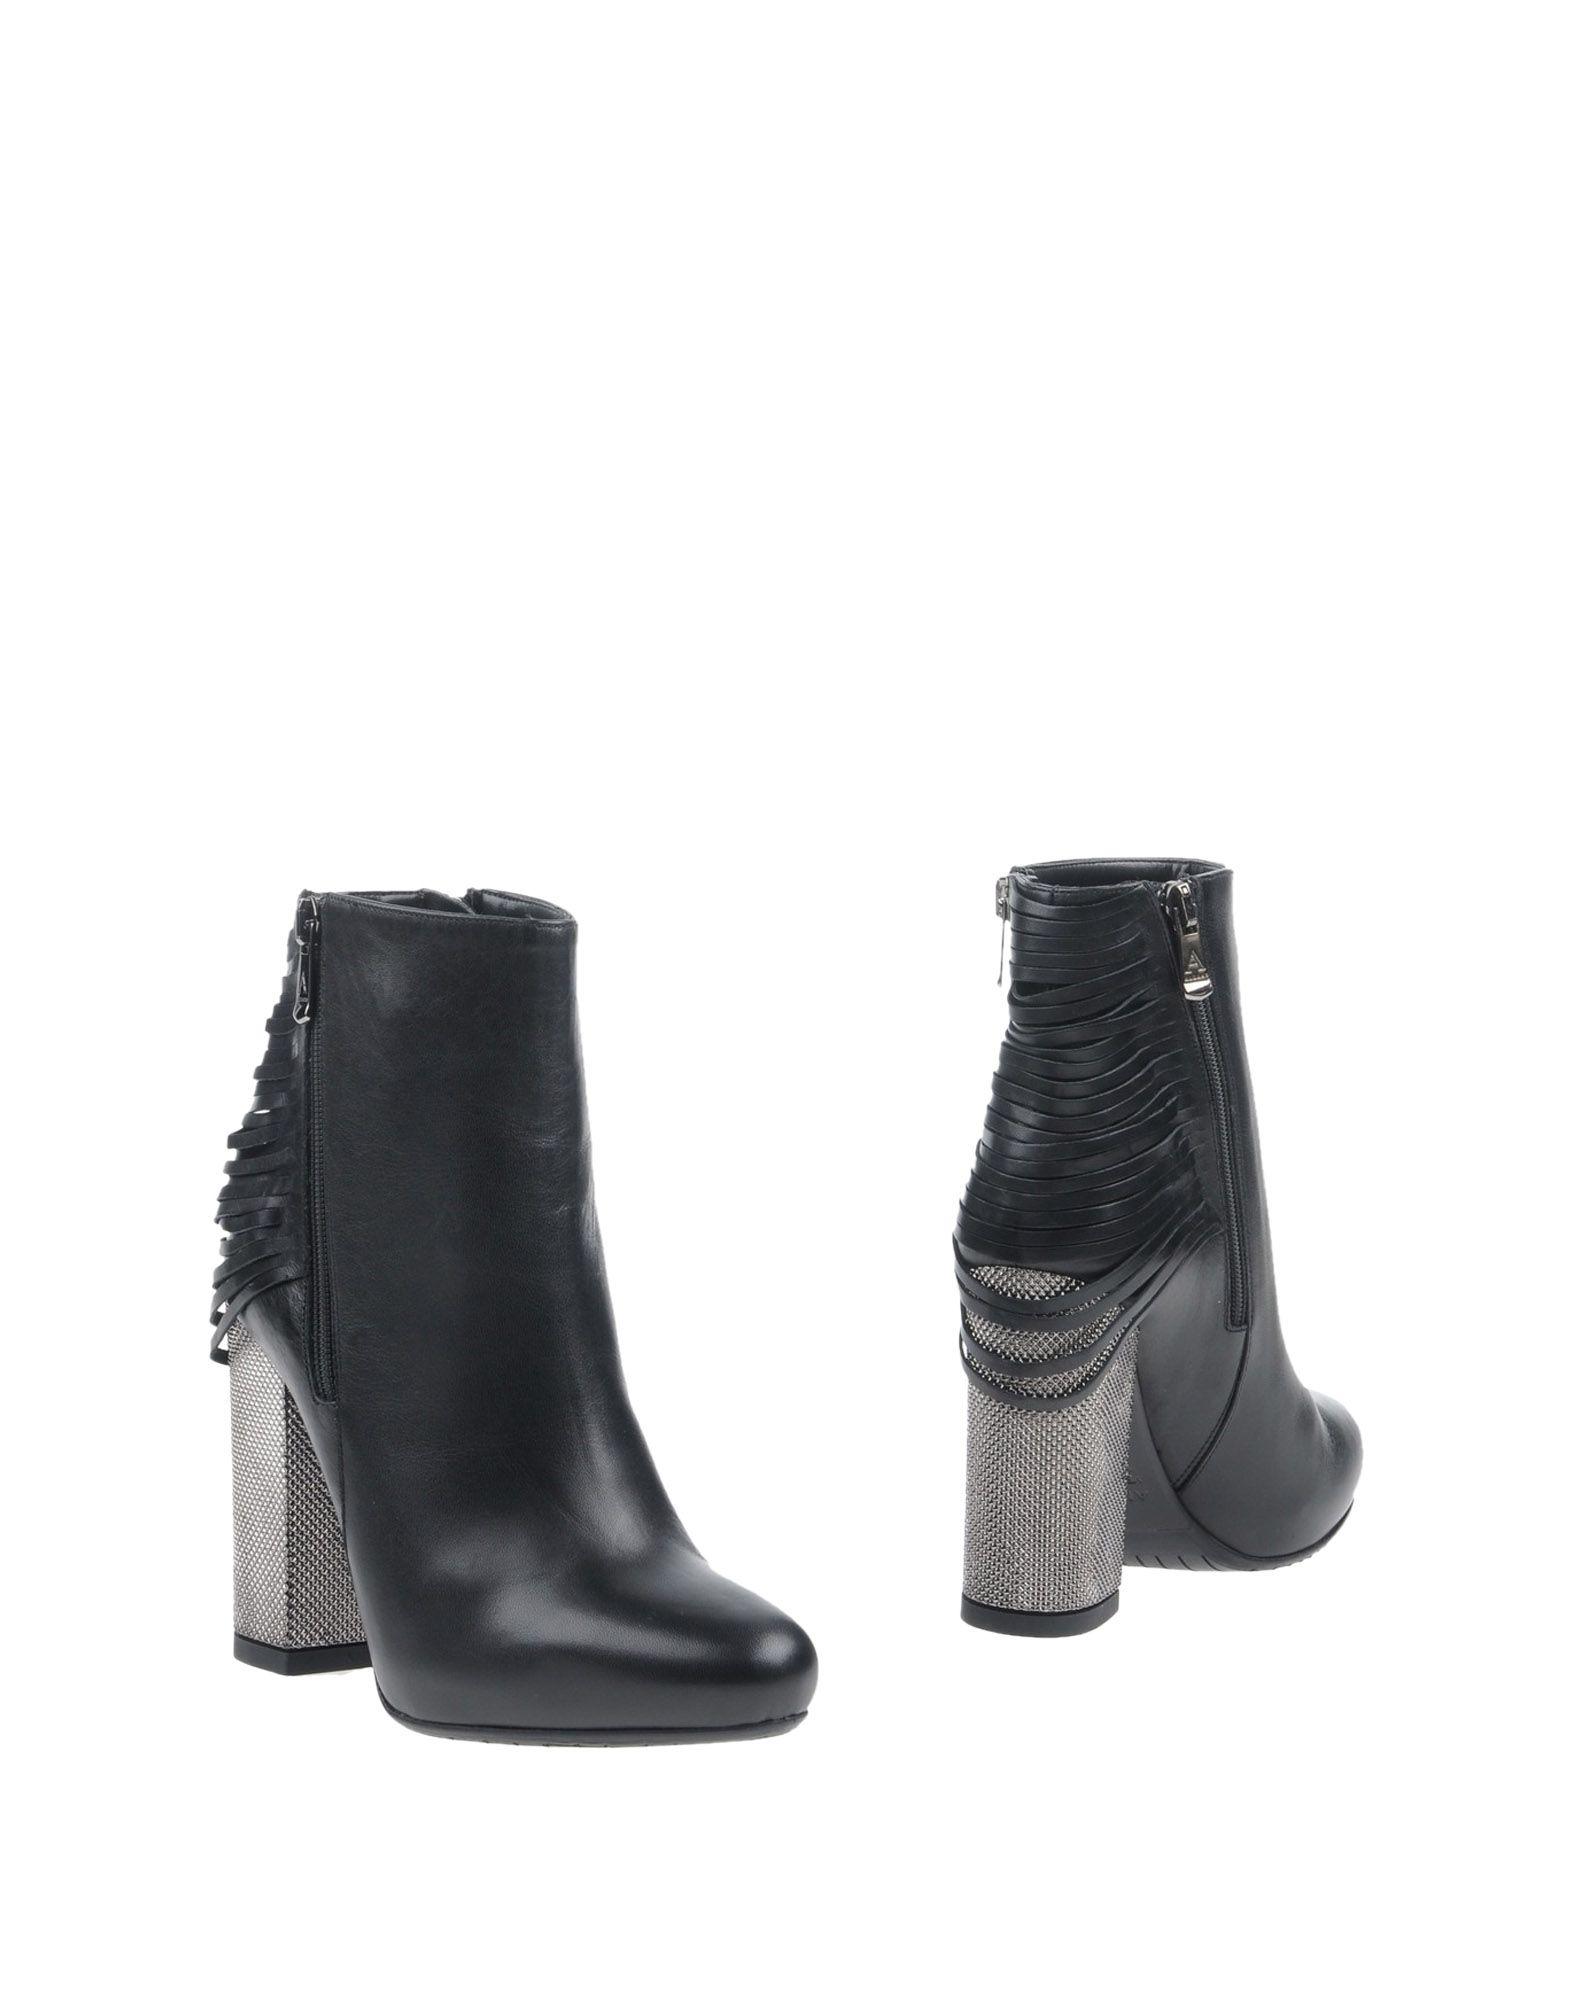 Albano Stiefelette Damen  11233790SS Gute Qualität beliebte Schuhe